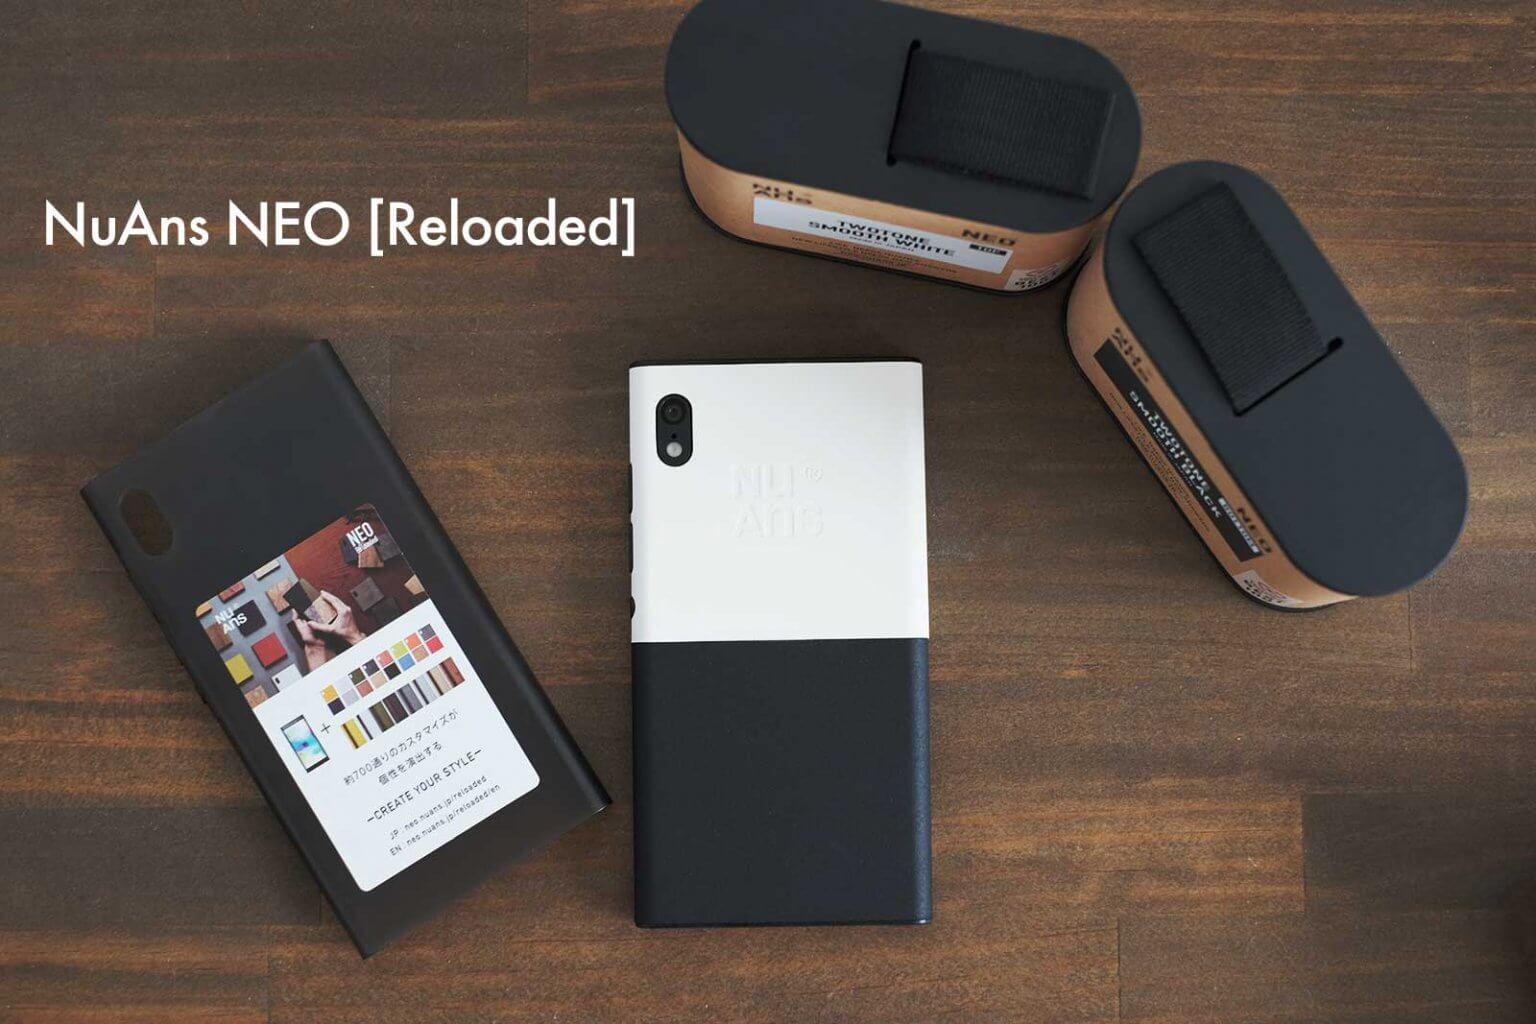 【開封レビュー】NuAns NEO Reloadedはこだわりいっぱいのおサイフ対応スマートフォン